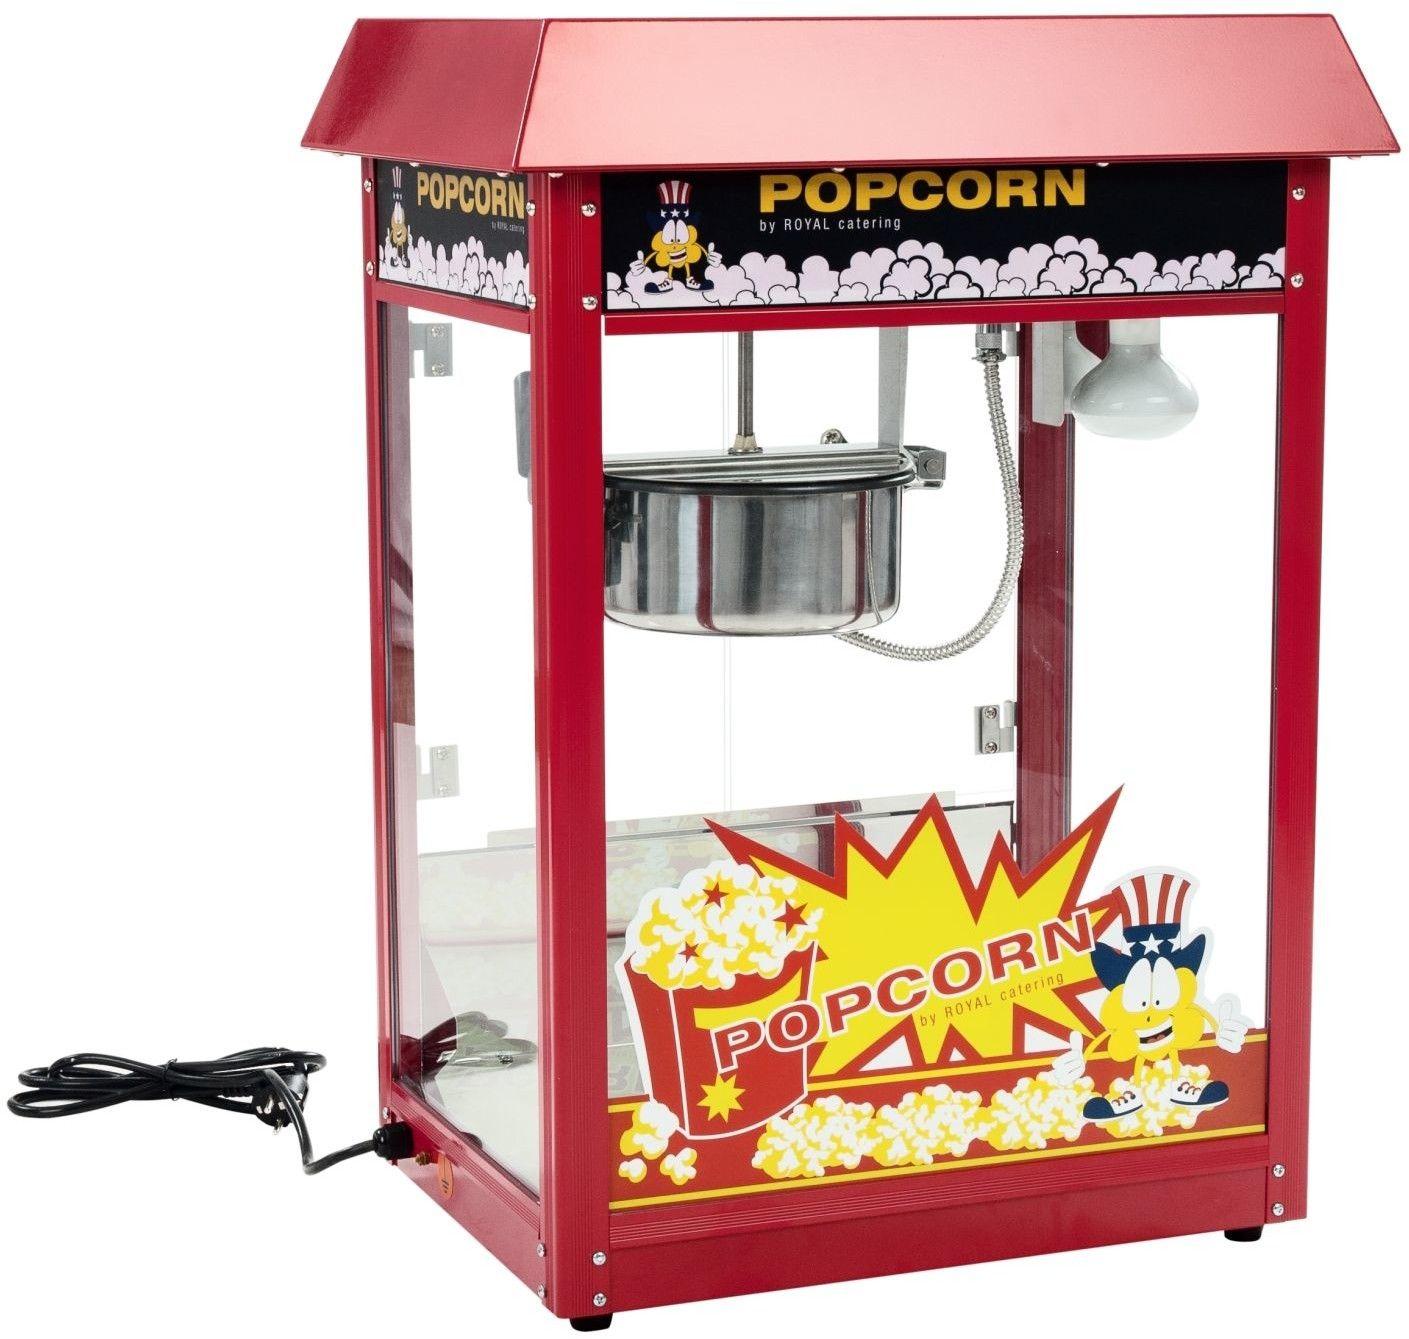 Maszyna do popcornu - czerwony daszek - 1600 W - Royal Catering - RCPR-16E - 3 lata gwarancji/wysyłka w 24h